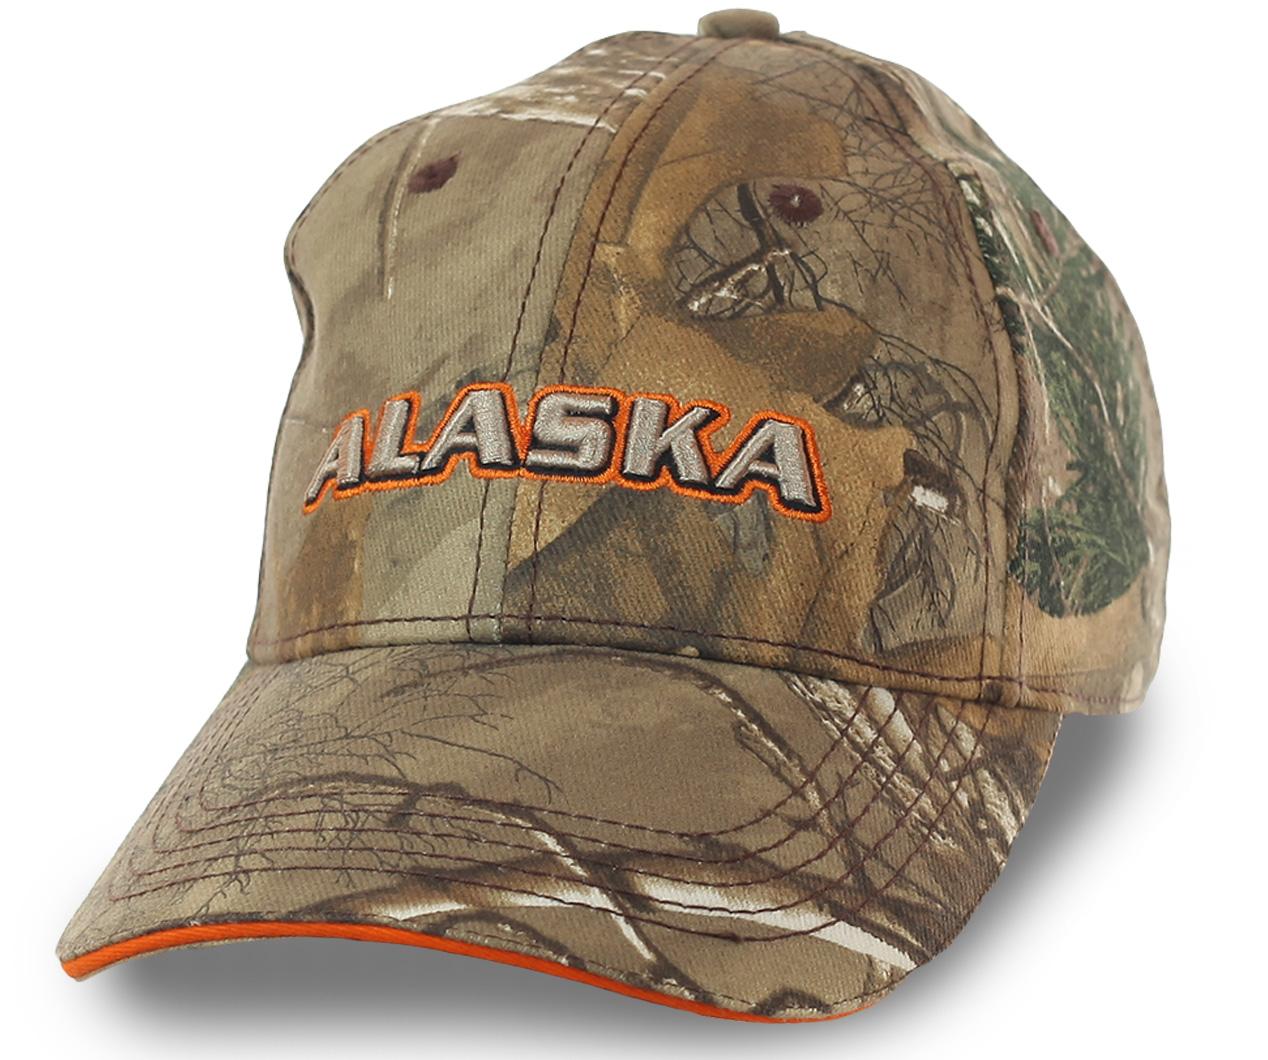 Бейсболка Alaska с камуфляжным паттерном Realtree Hardwoods. Подходит для охоты в сосняке и местности, где мало зелени. Реалистичные элементы рисунка мгновенно размывают силуэт